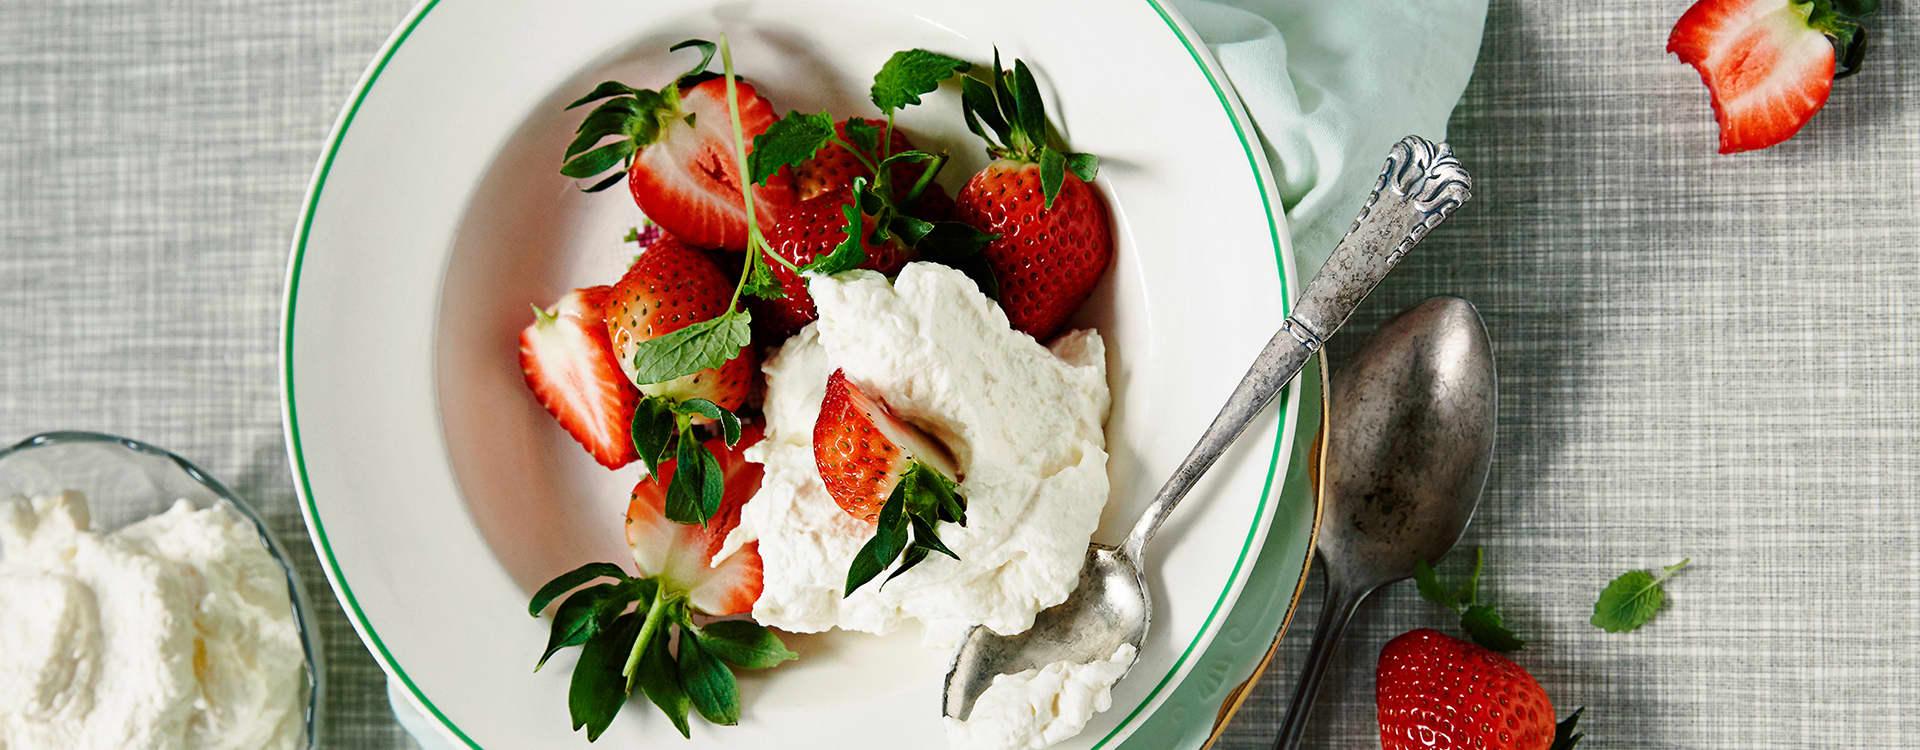 Tinas oppskrift på jordbær med mascarponekrem